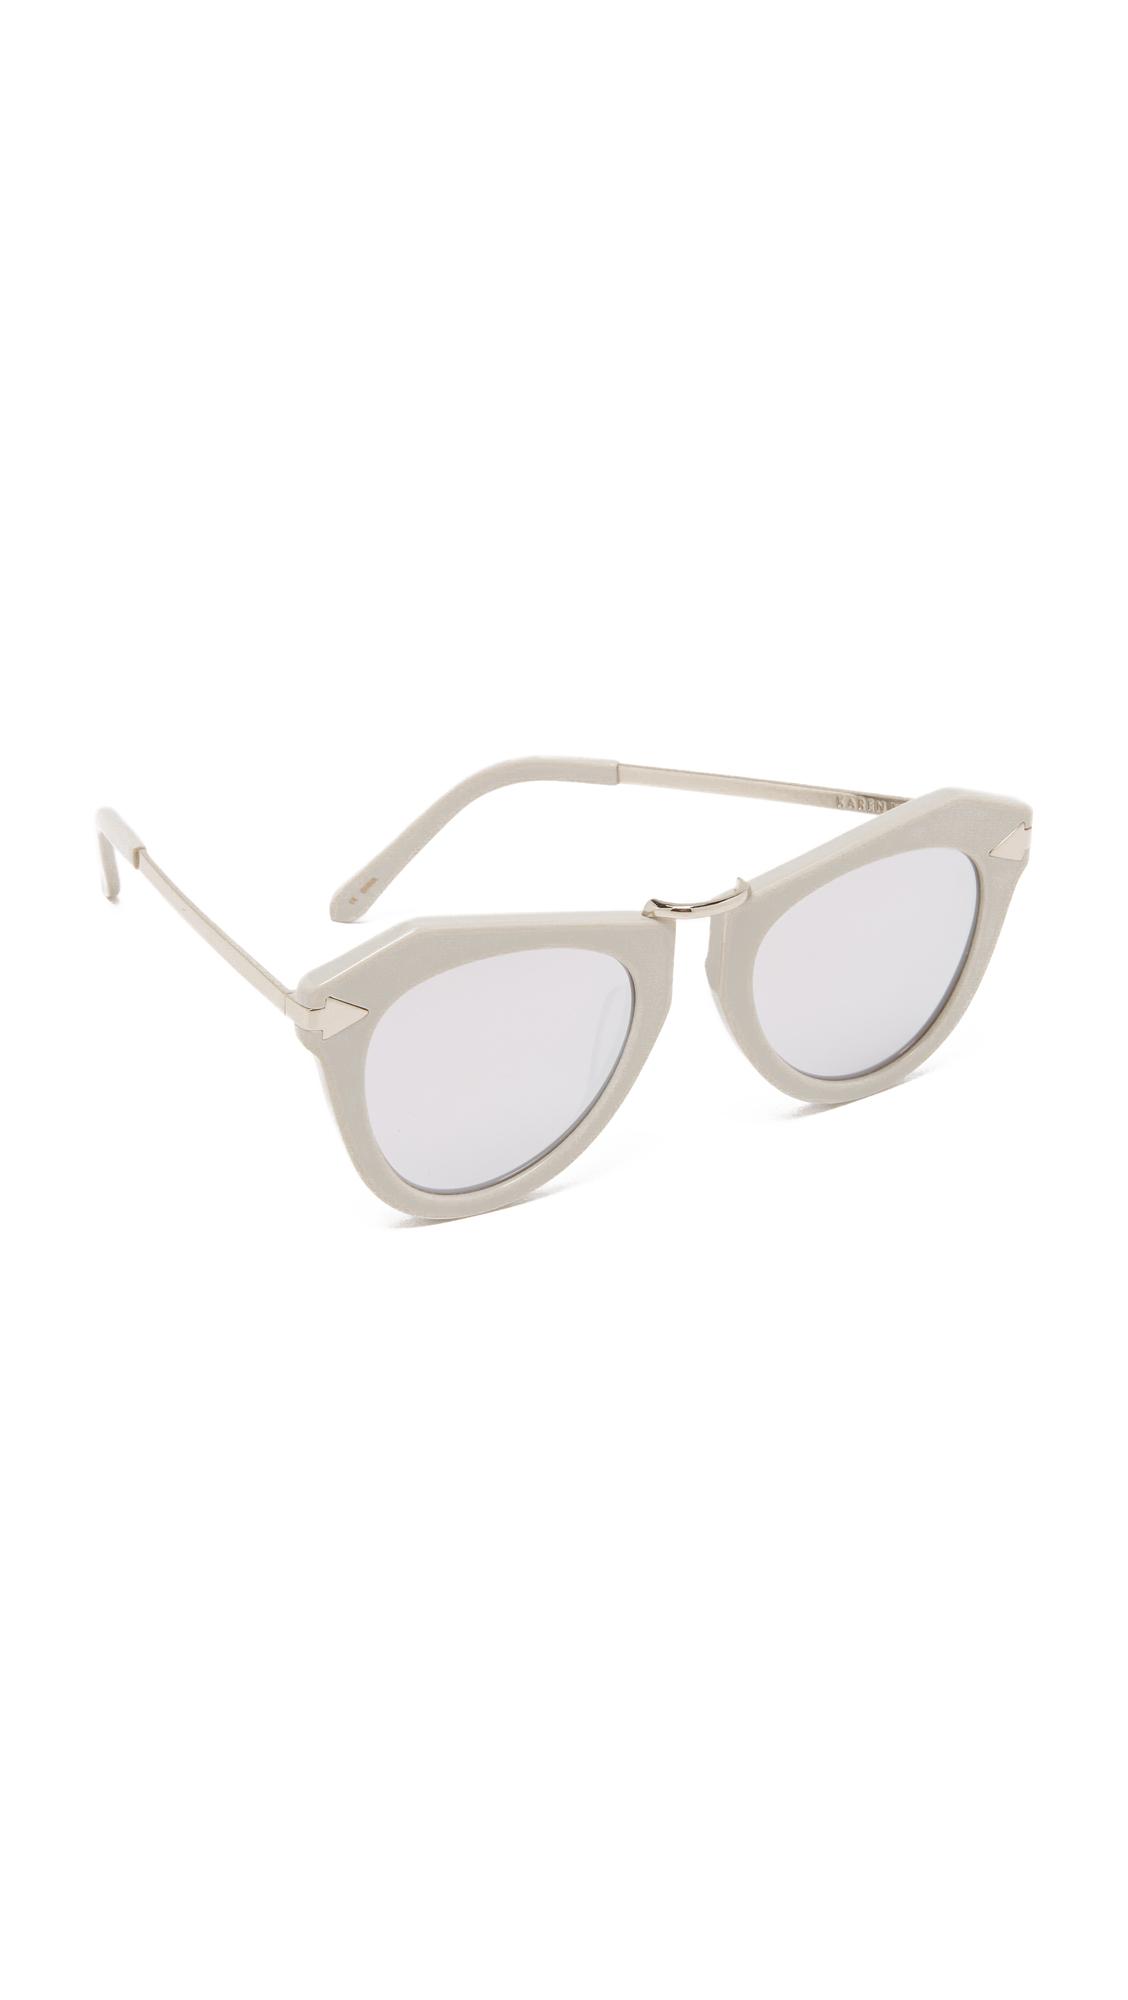 e18f417b04 Karen Walker One Orbit Sunglasses in Gray - Lyst